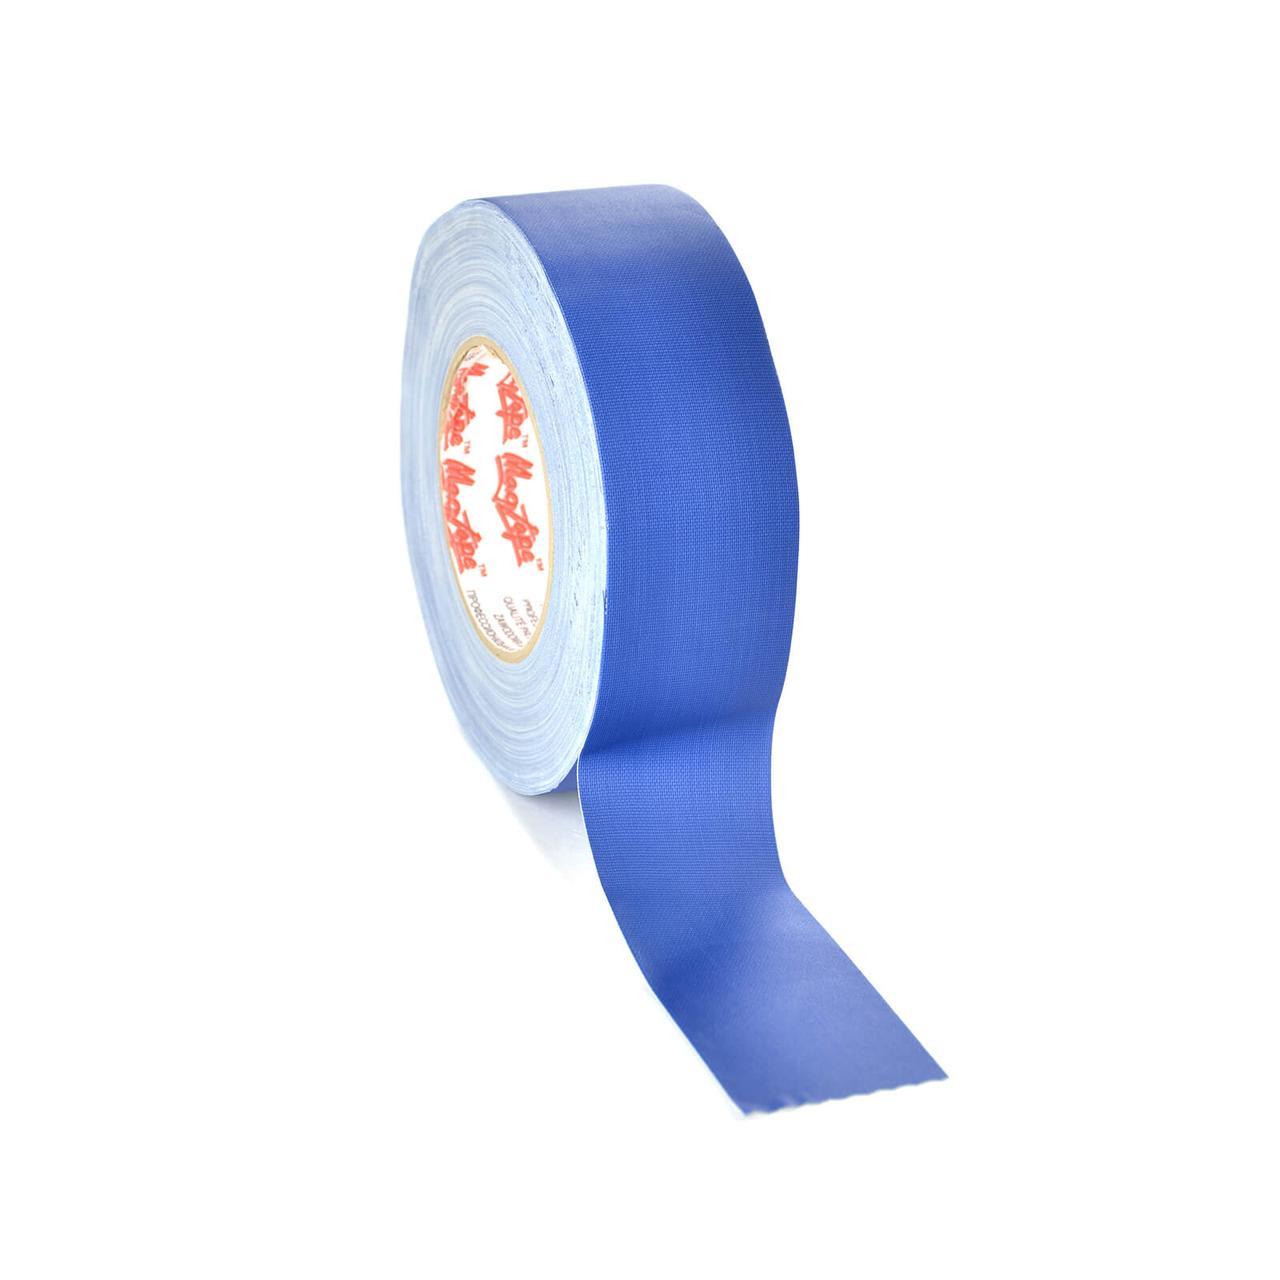 Матовая клейкая лента Le Mark MAGTAPE™ MATT Tape Cloth LM 500 50mm X 50m BLUE (CT50050B)